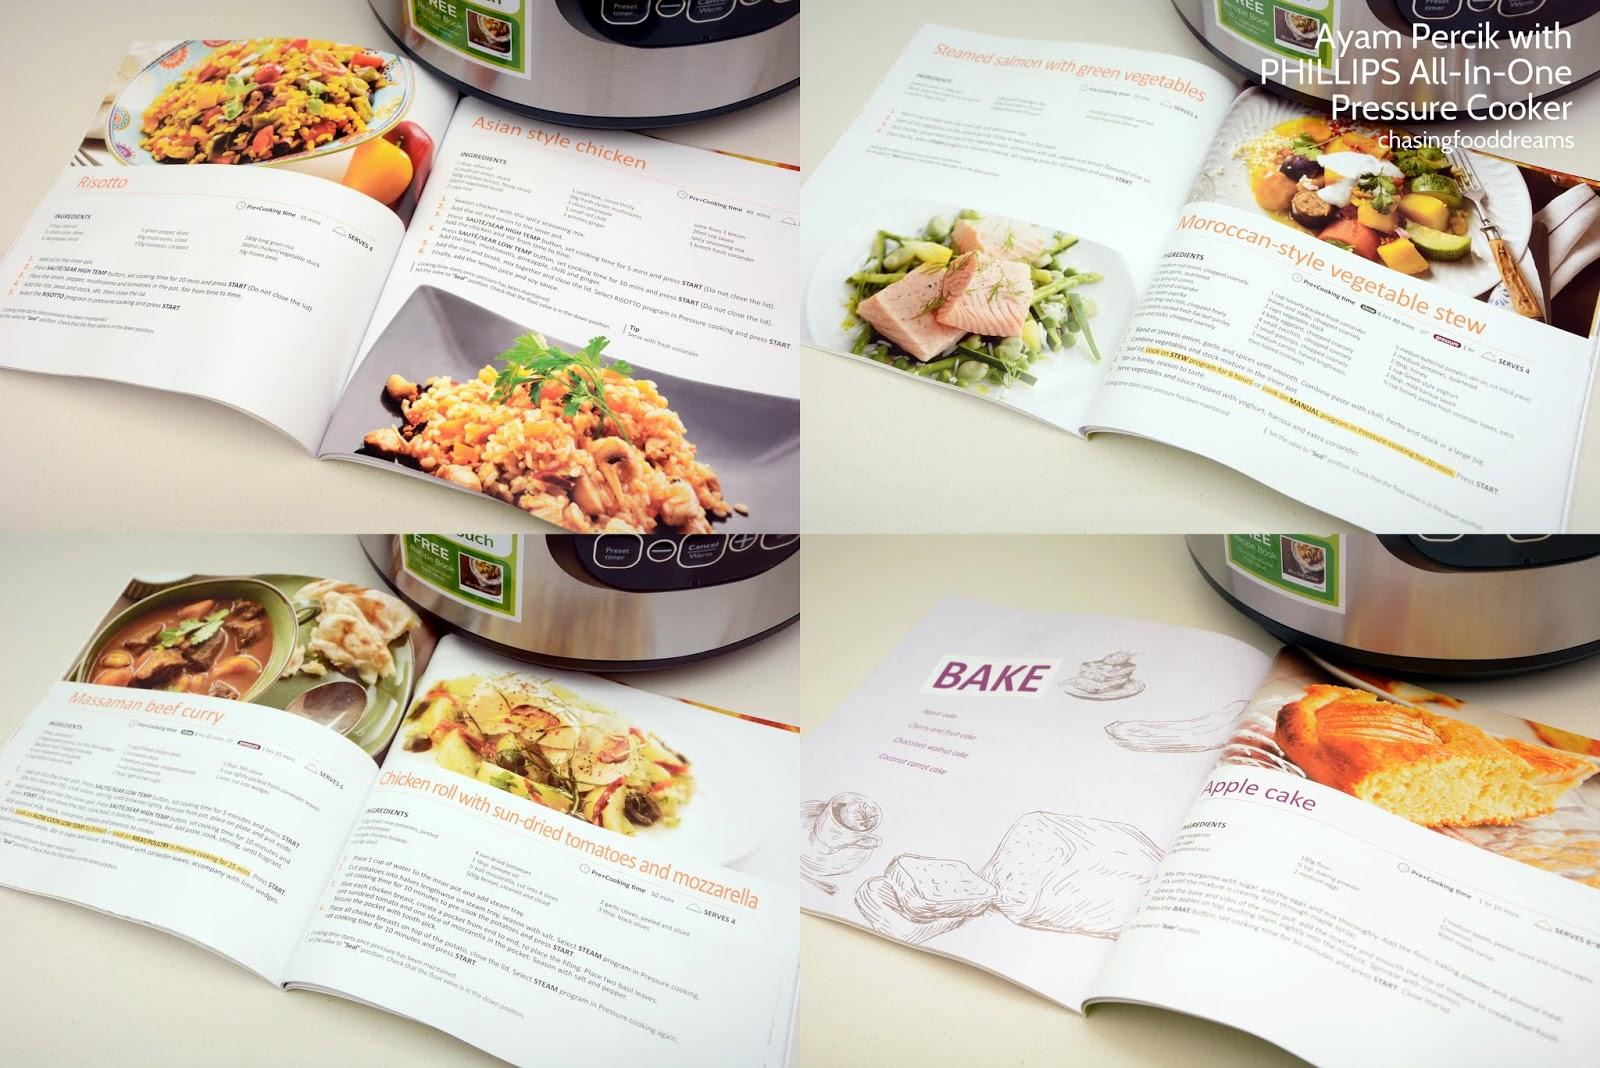 Yogurt Cake Recipe In Pressure Cooker: CHASING FOOD DREAMS: Recipe: Ayam Percik With Phillips All